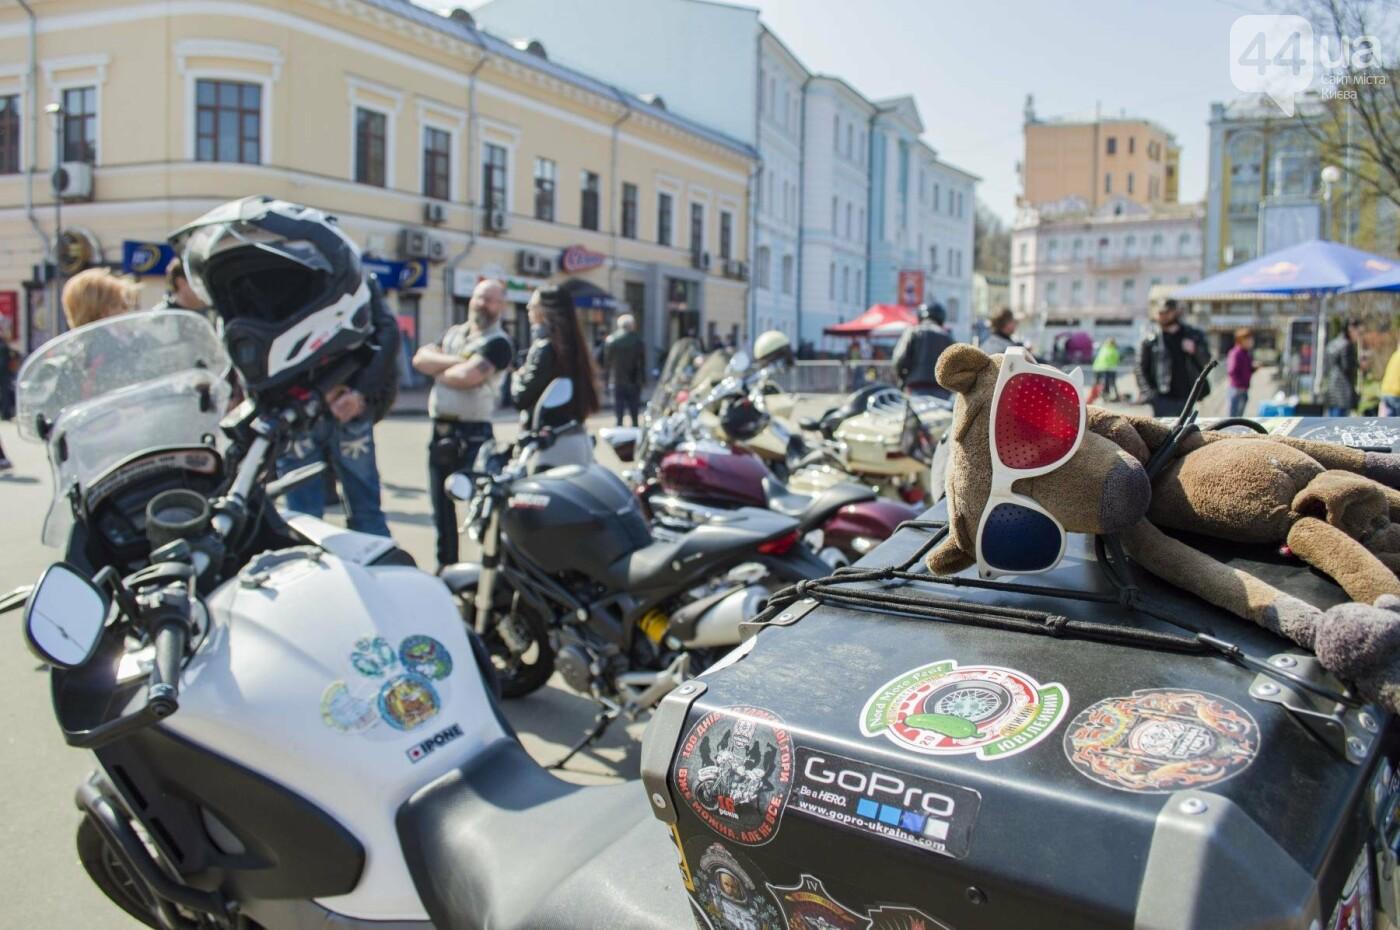 Мотогонки, автошоу патрульных и мощный дрифт: на Подоле проходит масштабный фестиваль драйва, фото-7